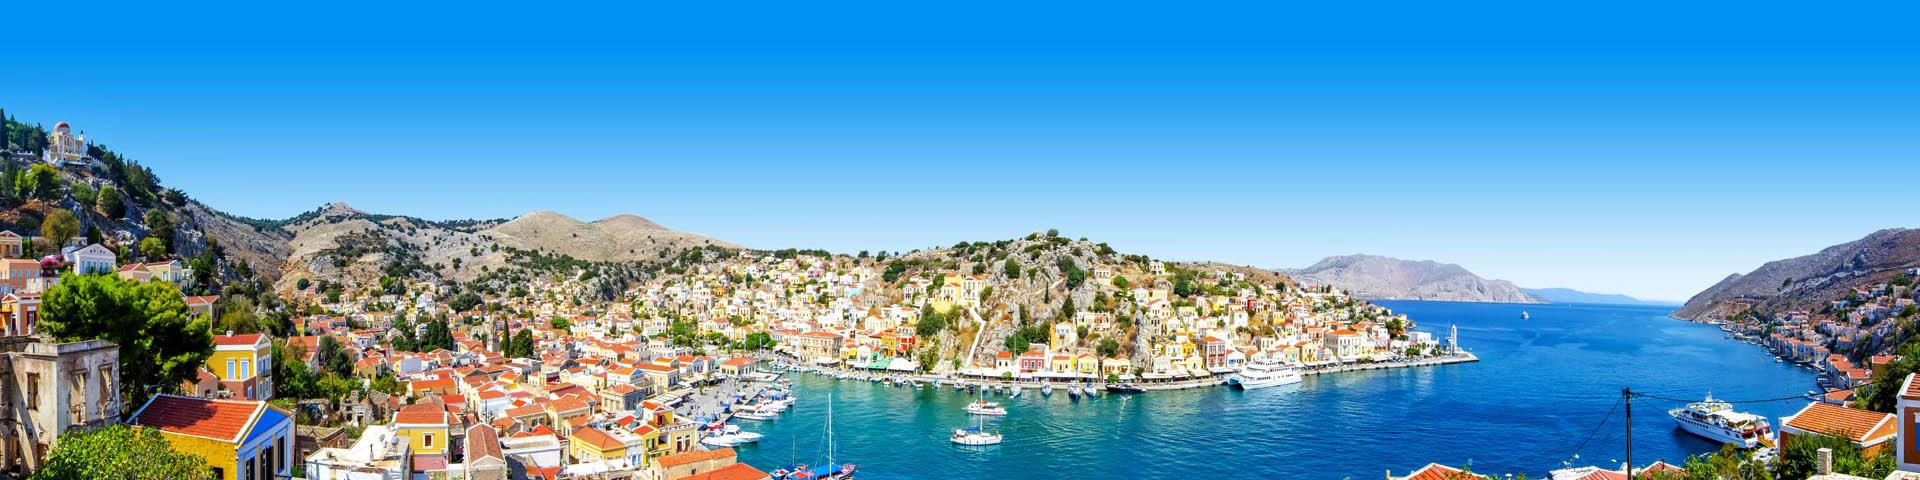 Prachtige baai in Griekenland met een kleine haventje met bootjes